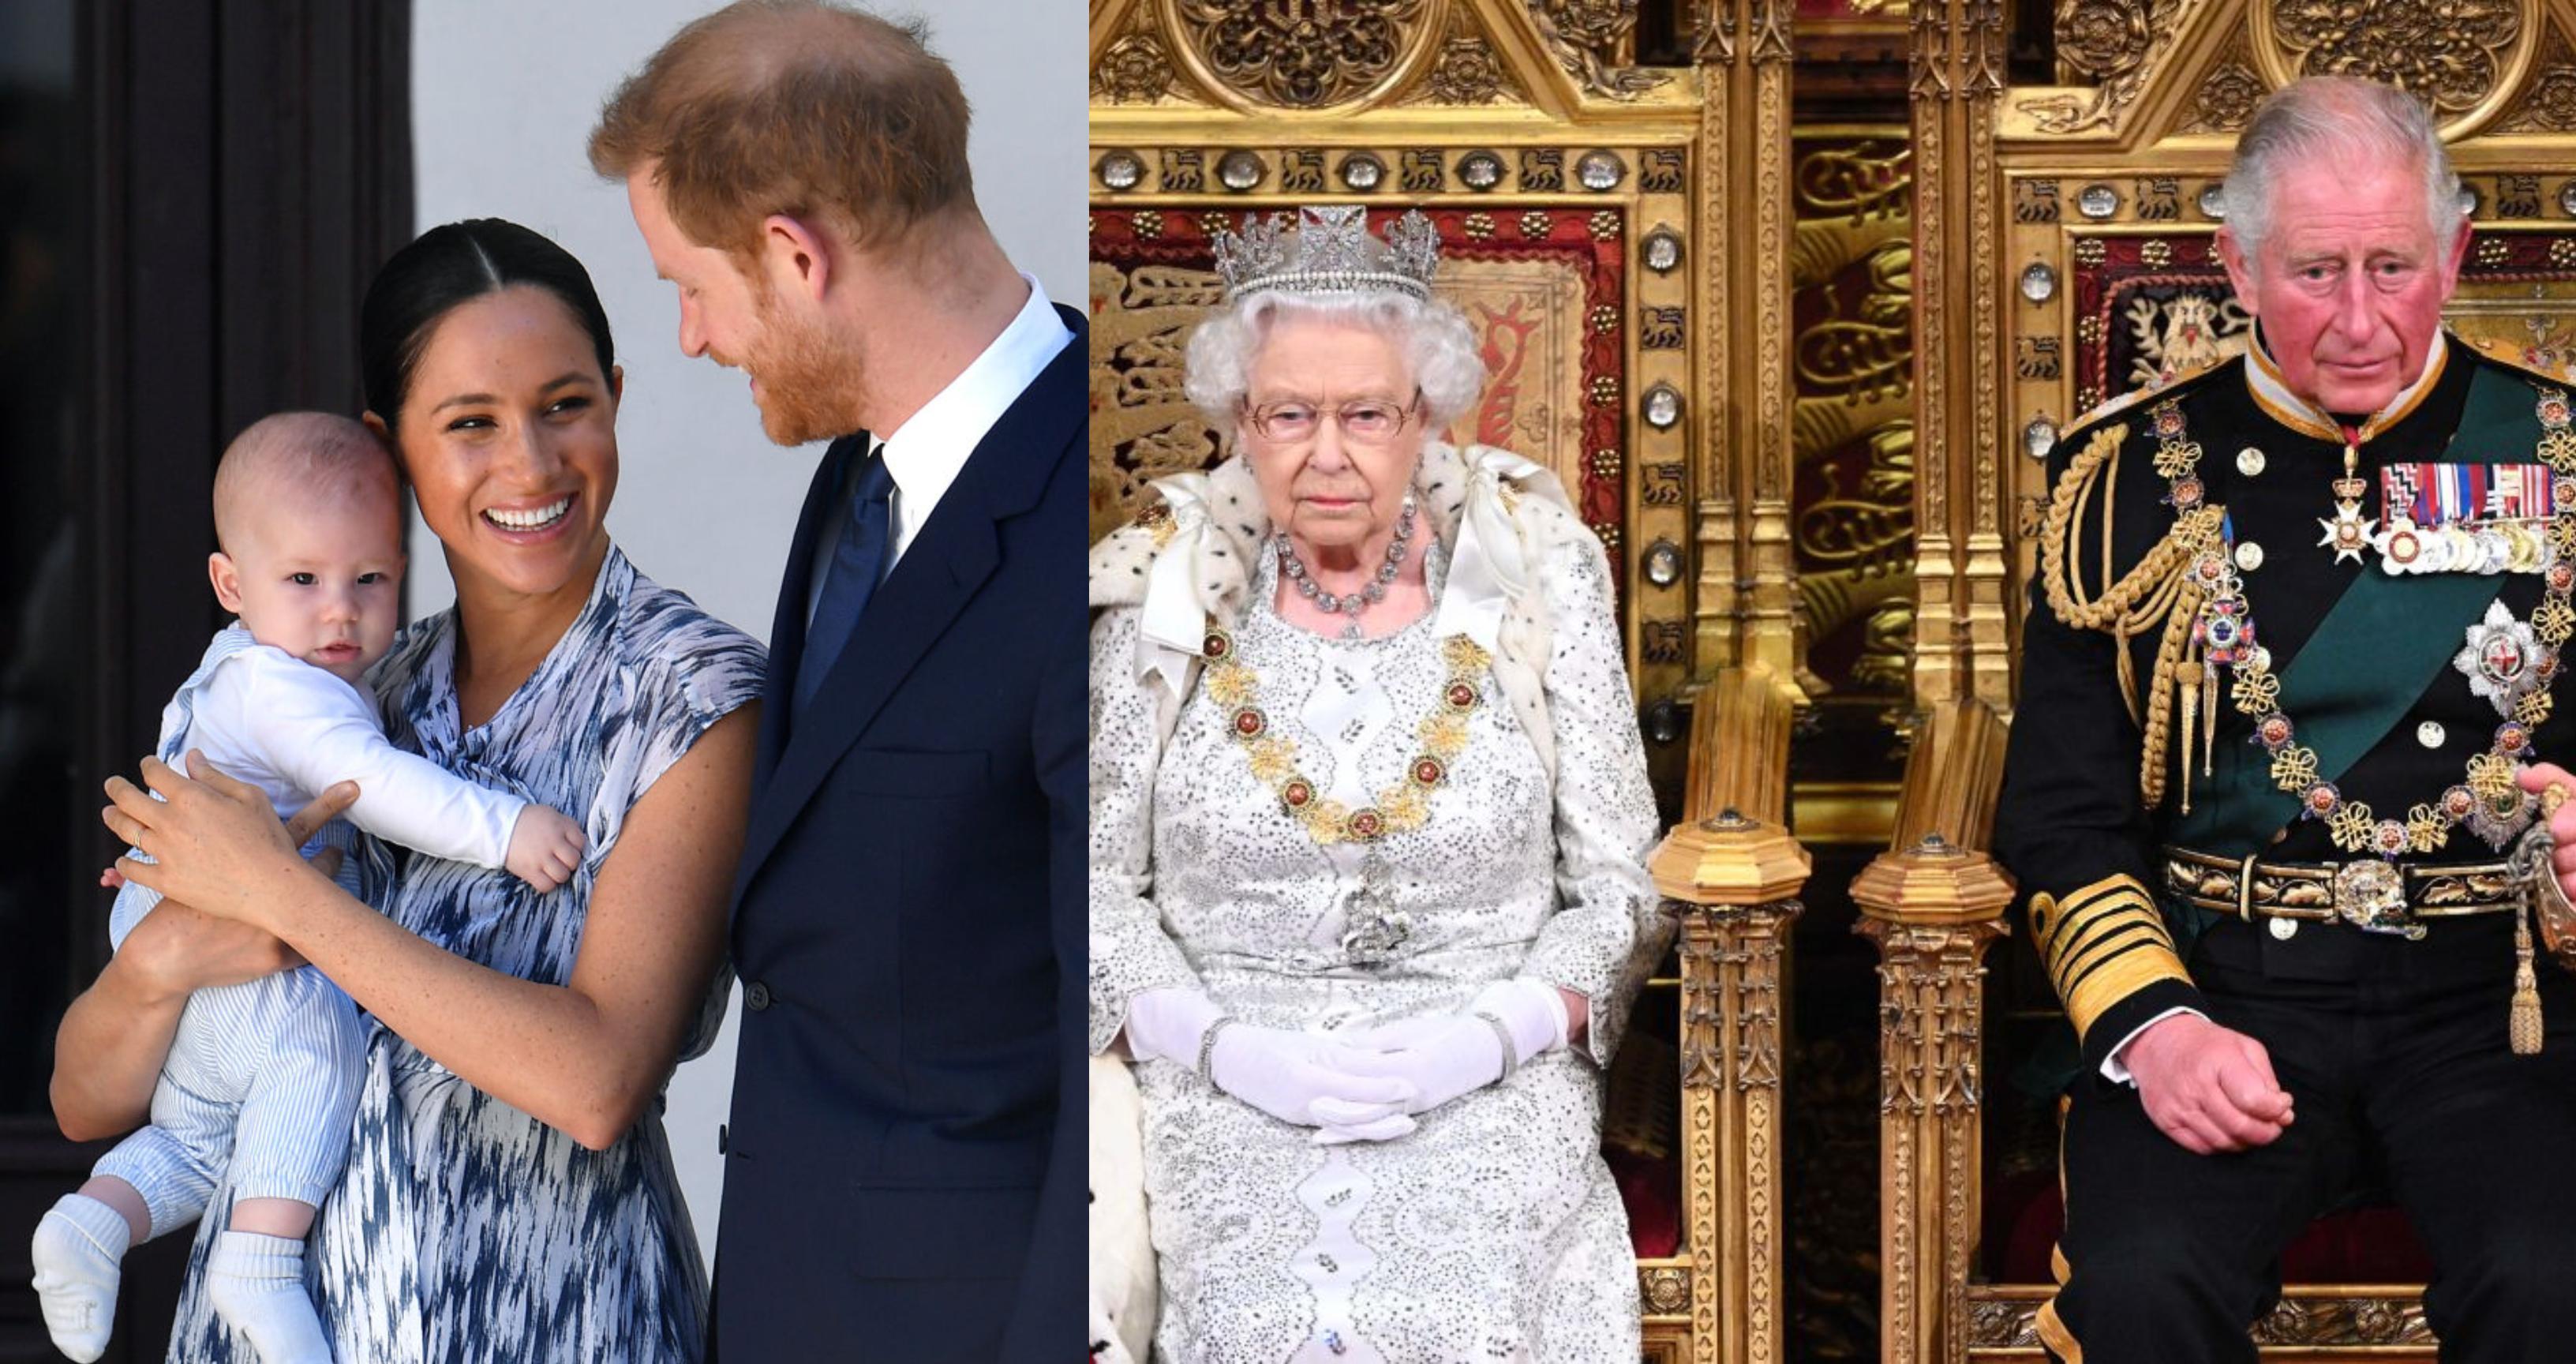 Vor fi copiii Prințului Harry și ai lui Meghan Markle Prinț și Prințesă? Ce se întâmplă cu Archie și Lilibet